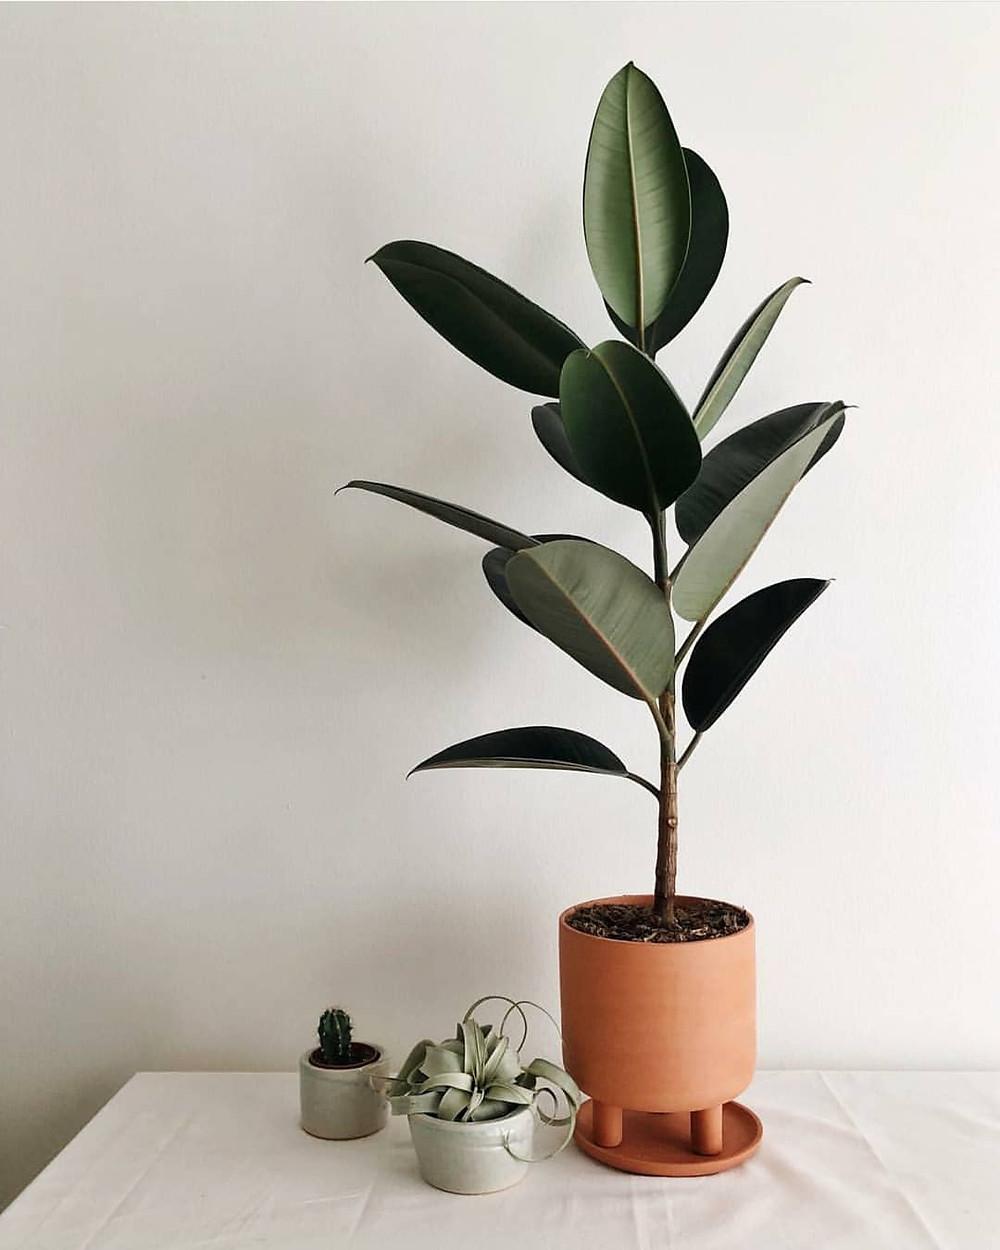 Rubber Fig Ficus Elastica Trending Popular Plant 2018